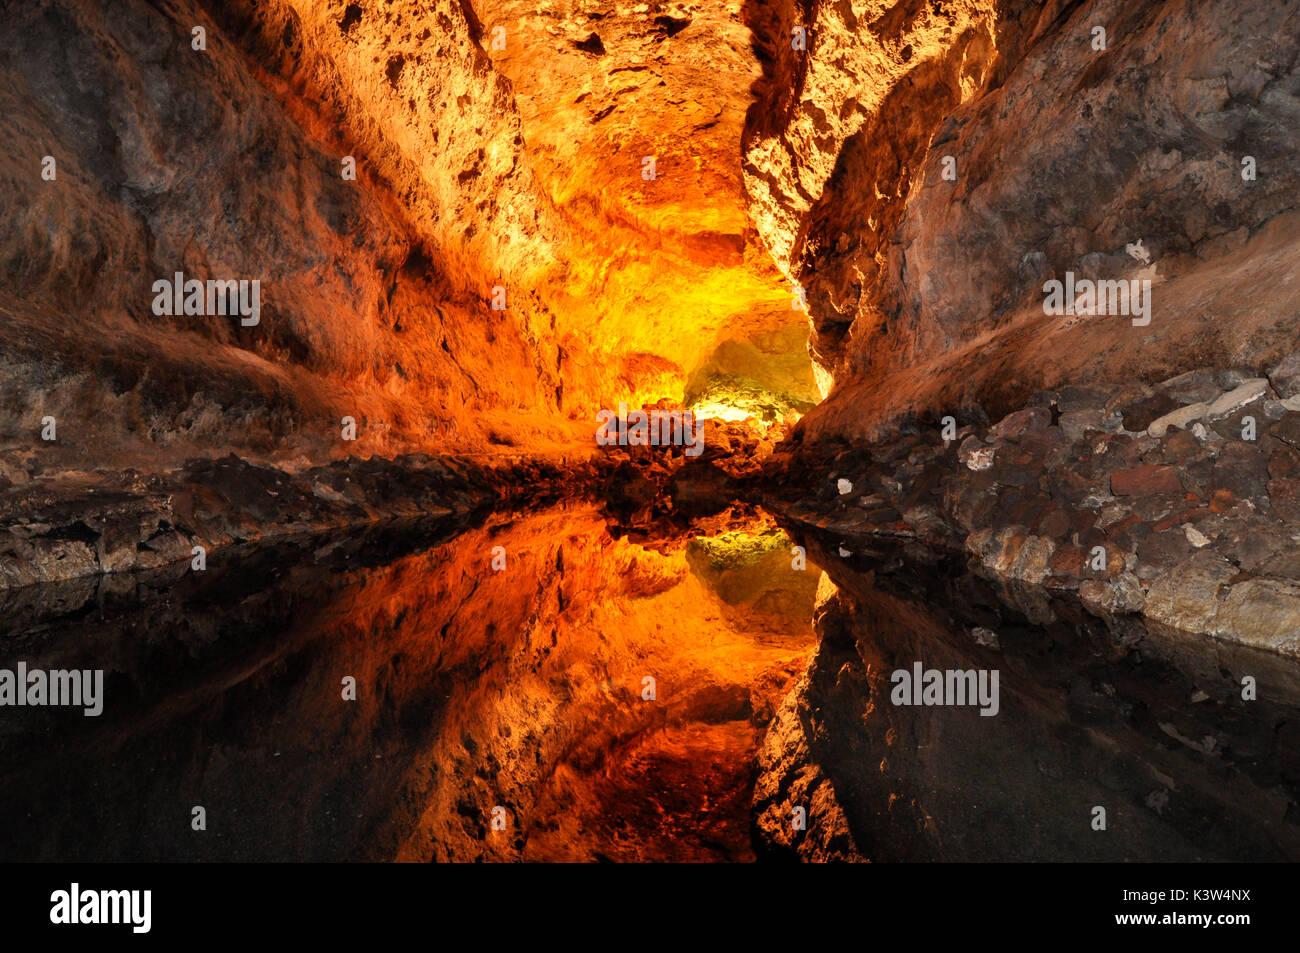 Cueva de los Verdes à Lanzarote est une cavité de 1 km de longueur et est le plus spectaculaire dans le cadre d'un tube de lave le long de près de 8 Km. Malgré le nom, il n'y a rien dans cette grotte verte: il s'appelle ainsi parce qu'il y a environ 200 ans il était considéré comme la propriété d'une famille de pasteurs locaux, la Verdes. À ce stade, vous pouvez voir le reflet de la grotte sur un étang d'eau complètement immobile, afin de ne pas être perçu au premier abord. Photo Stock